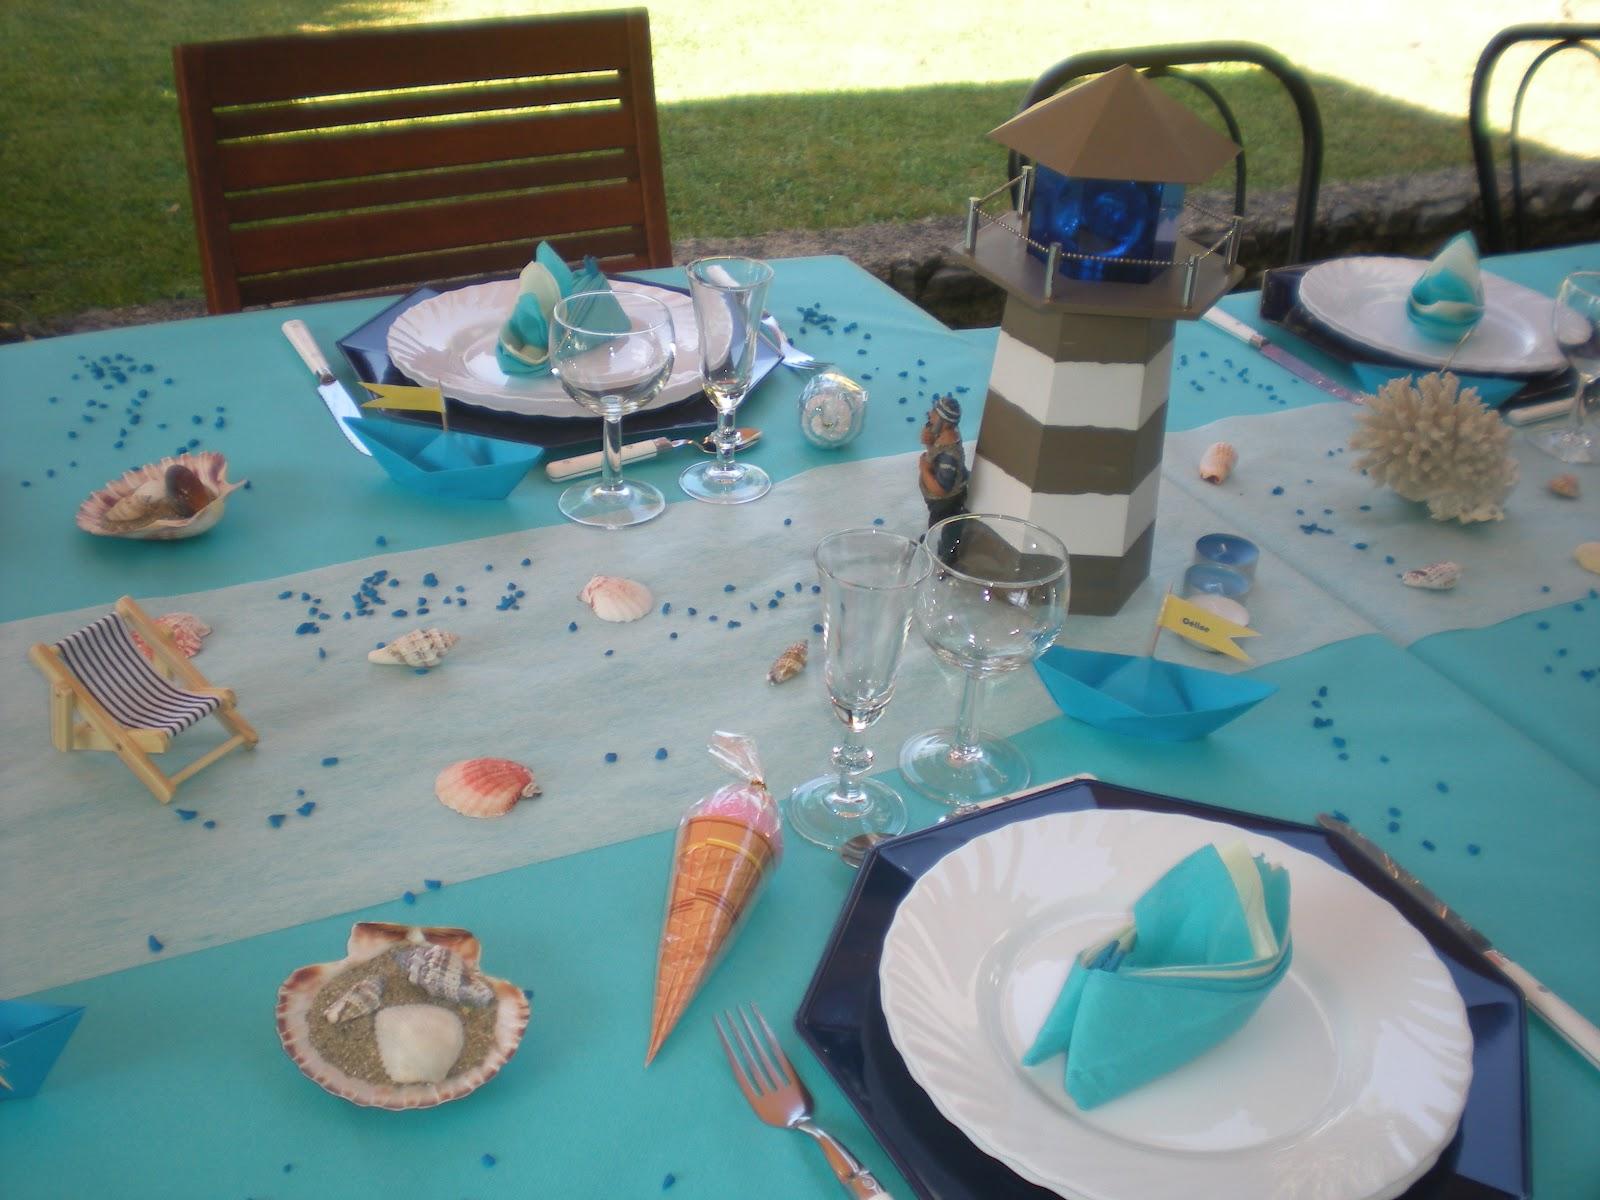 #398892 Déco à Thèmes: Déco Vacances à La Mer . 6205 decoration de table de noel turquoise 1600x1200 px @ aertt.com